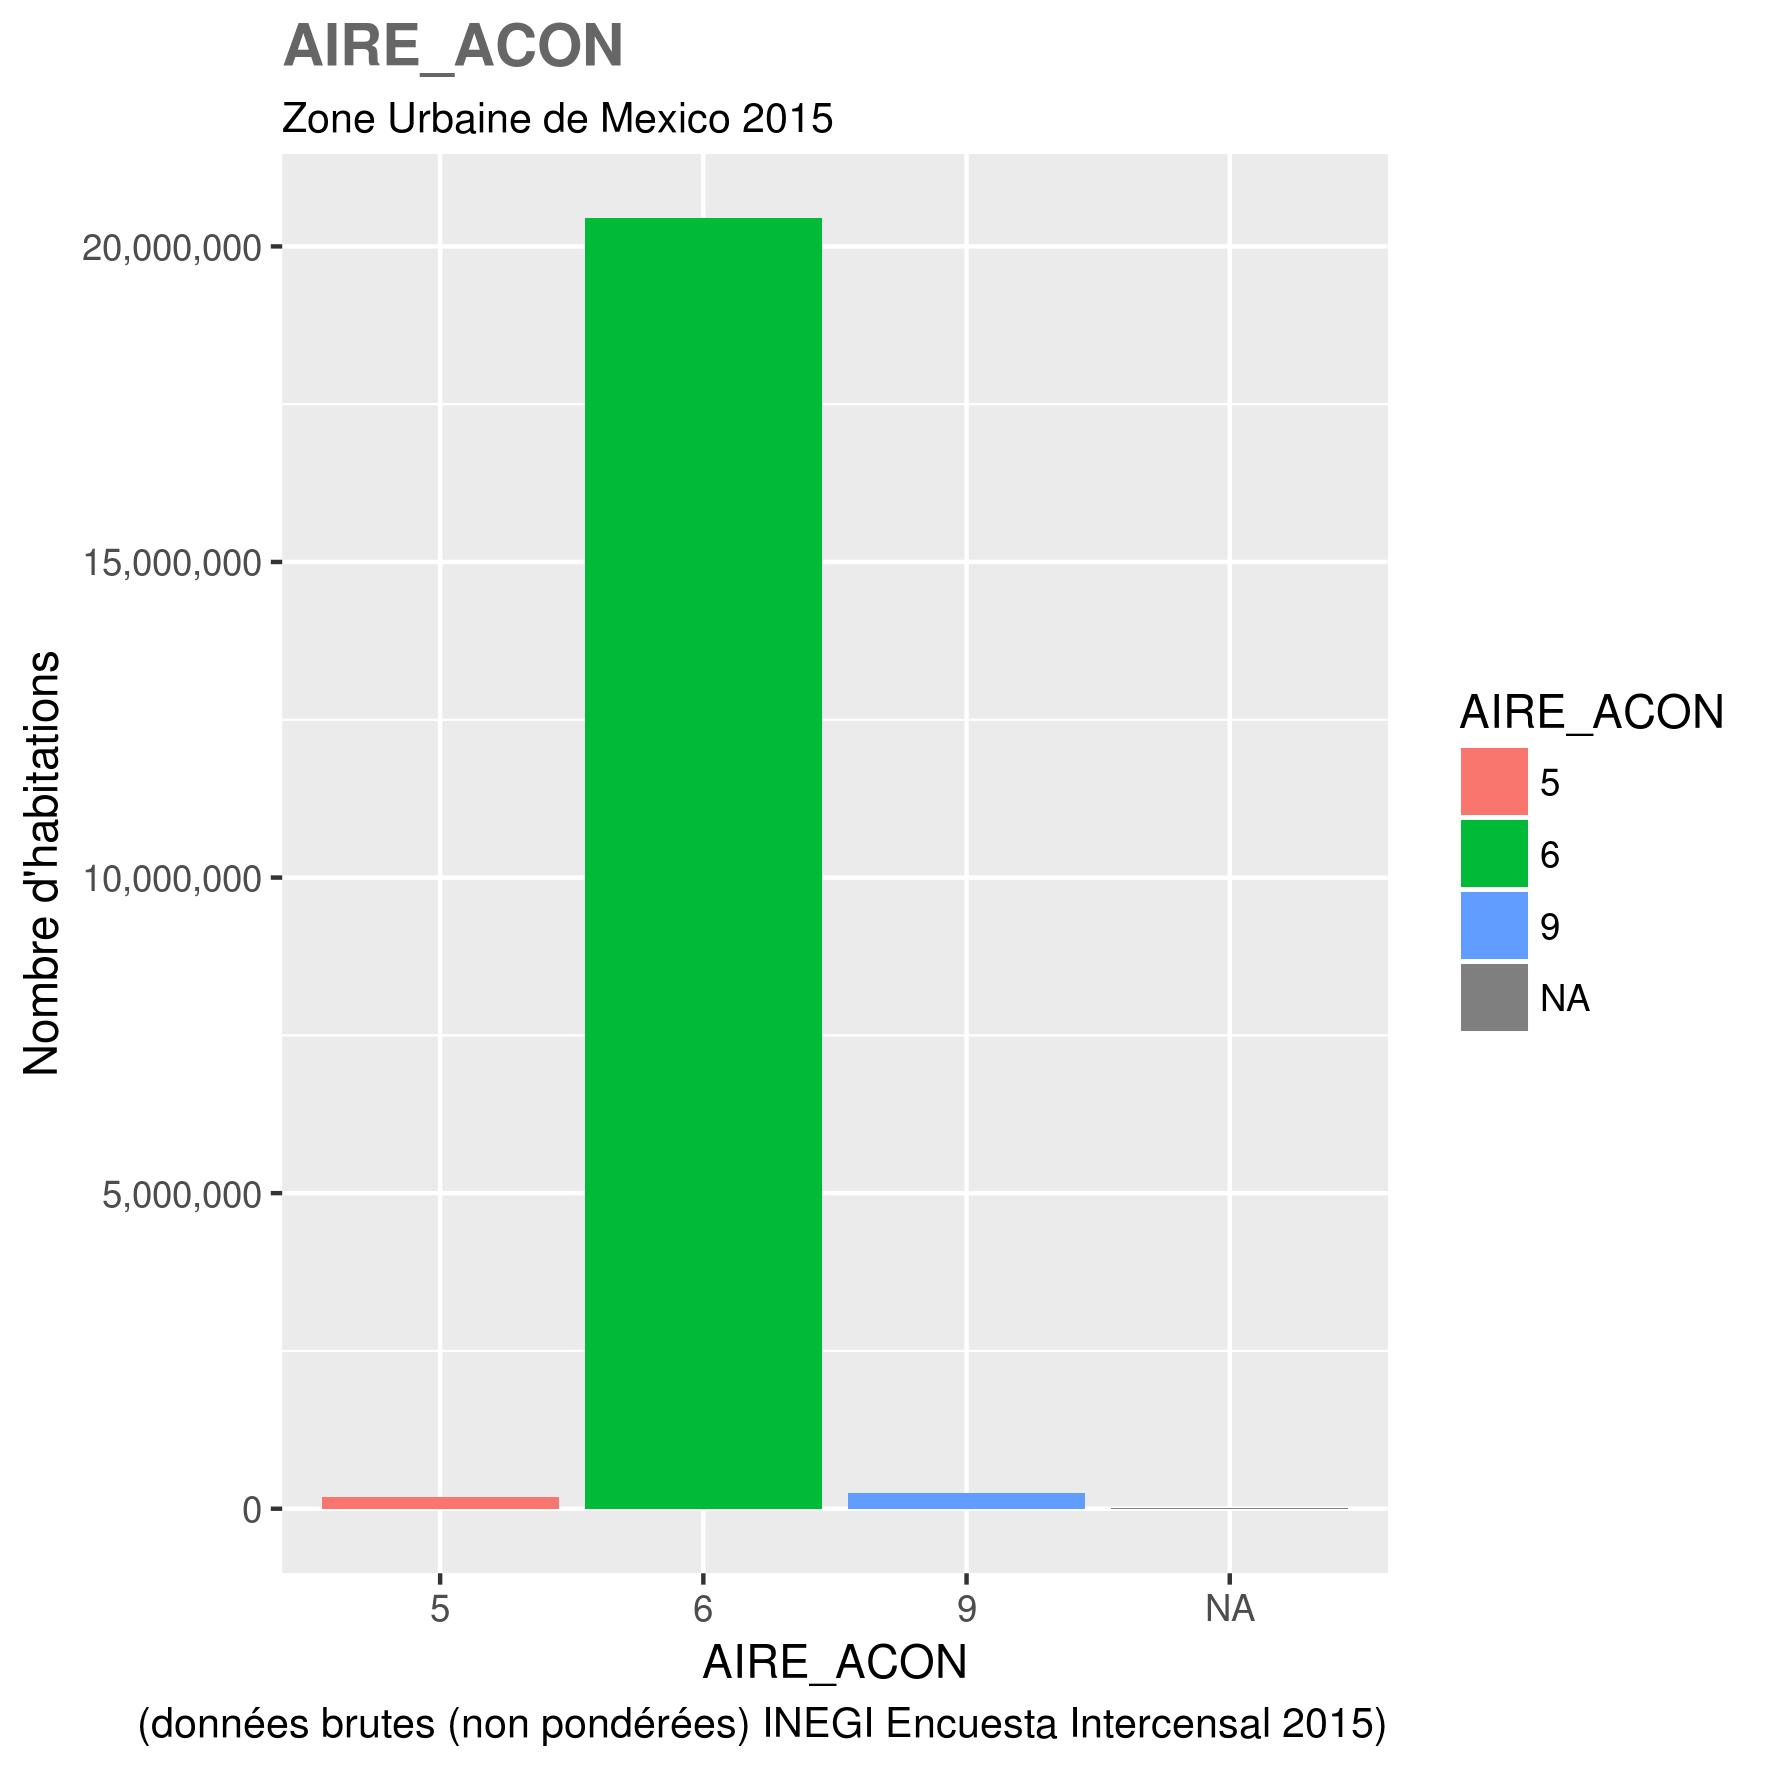 docs/images/ZUM_toutes_variables/2015_ZUM_AIRE_ACON.png